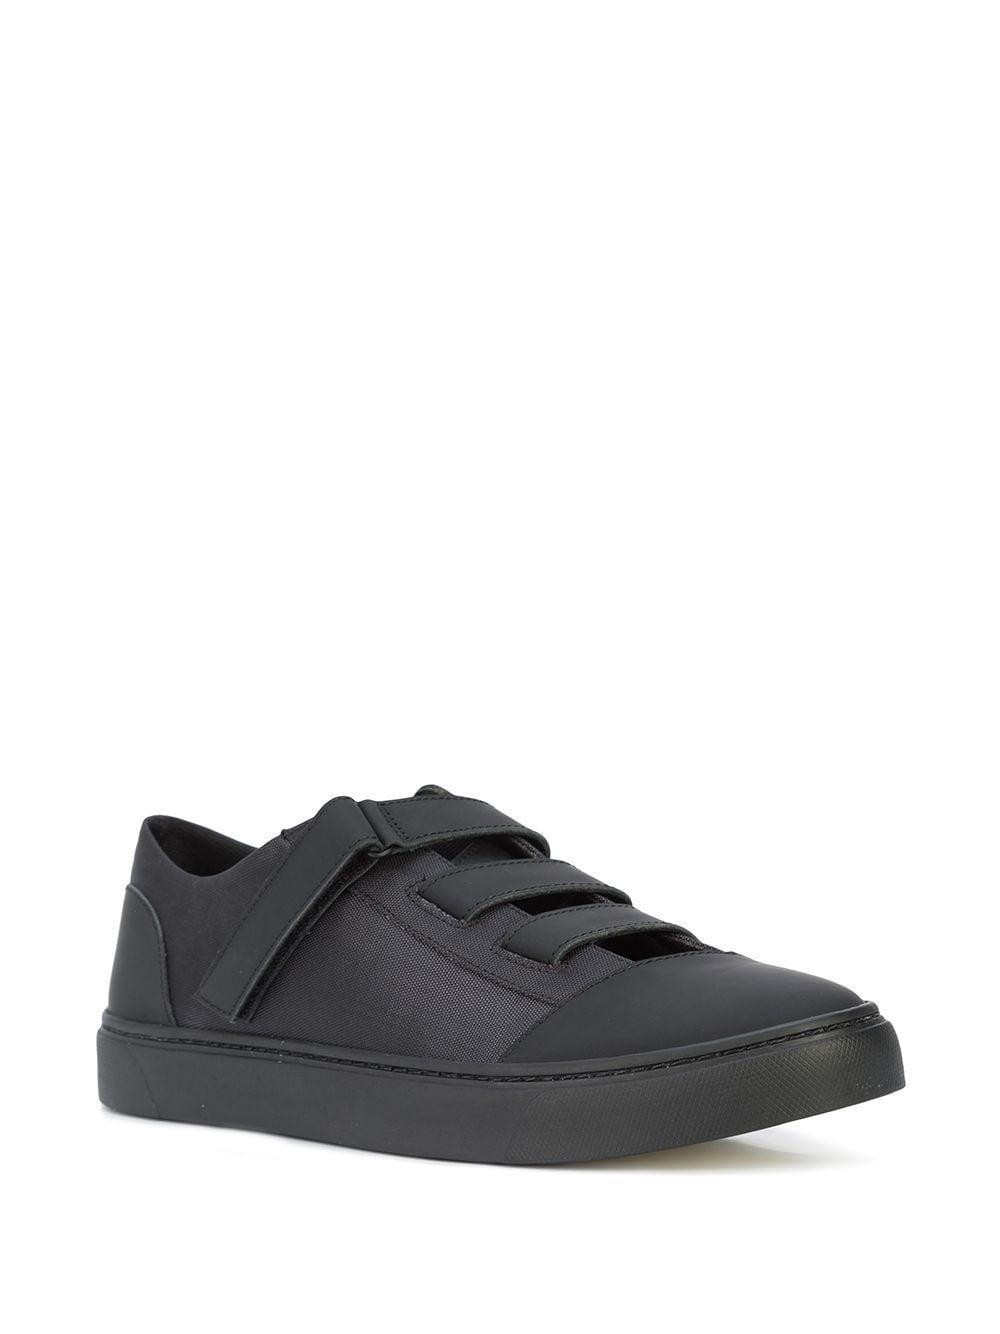 Yohji Yamamoto Leer Riemen Sneakers in het Zwart voor heren